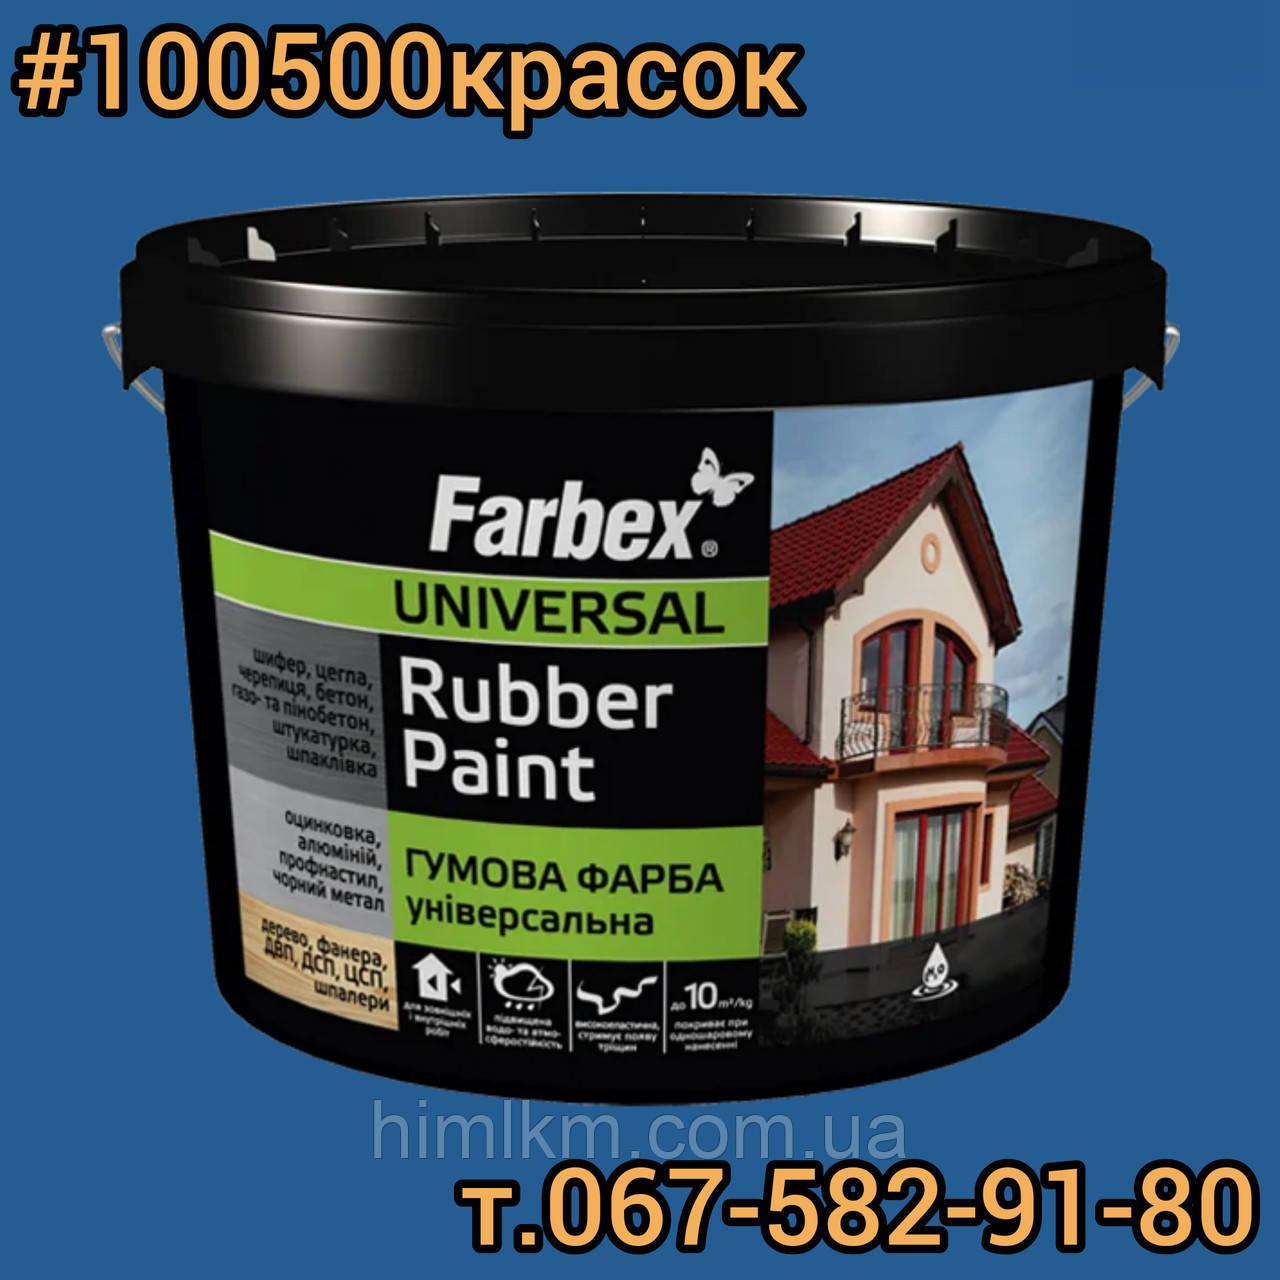 Гумова фарба для дахів синя FARBEX RAL 5005 12 кг